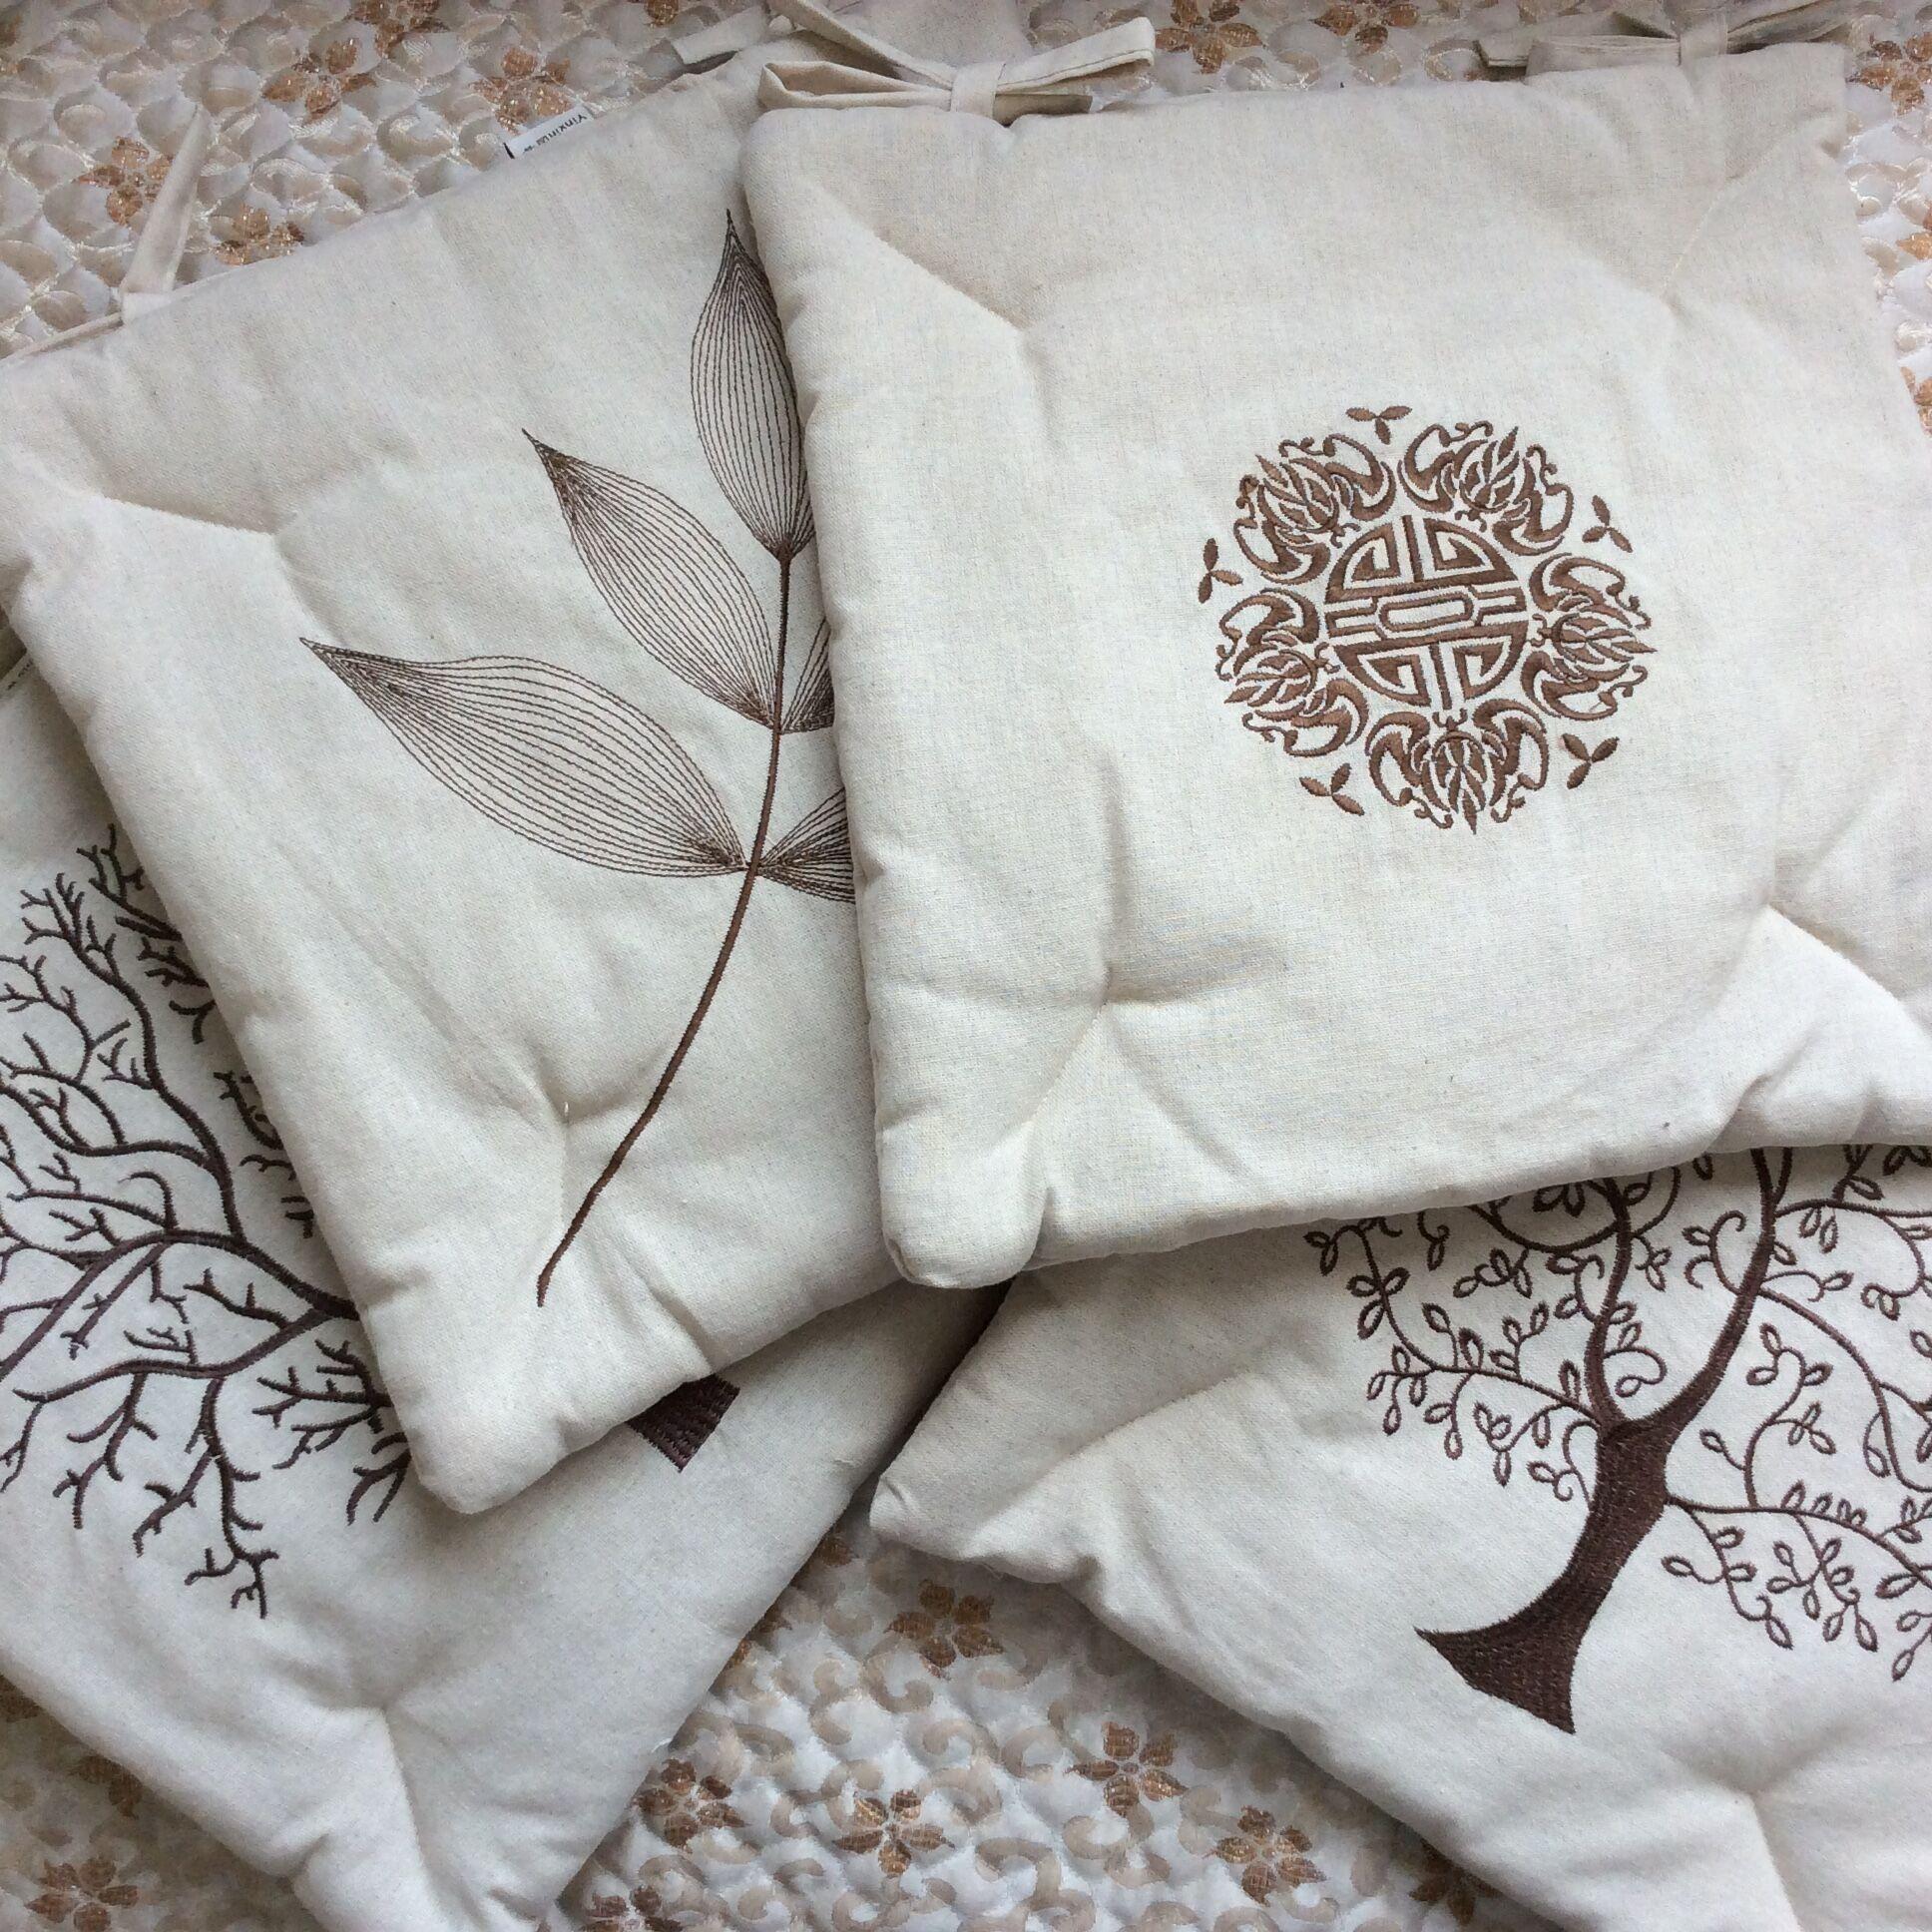 棉麻刺绣中式坐垫椅垫冬季椅子垫子餐椅座垫家用凳子系带防滑薄款